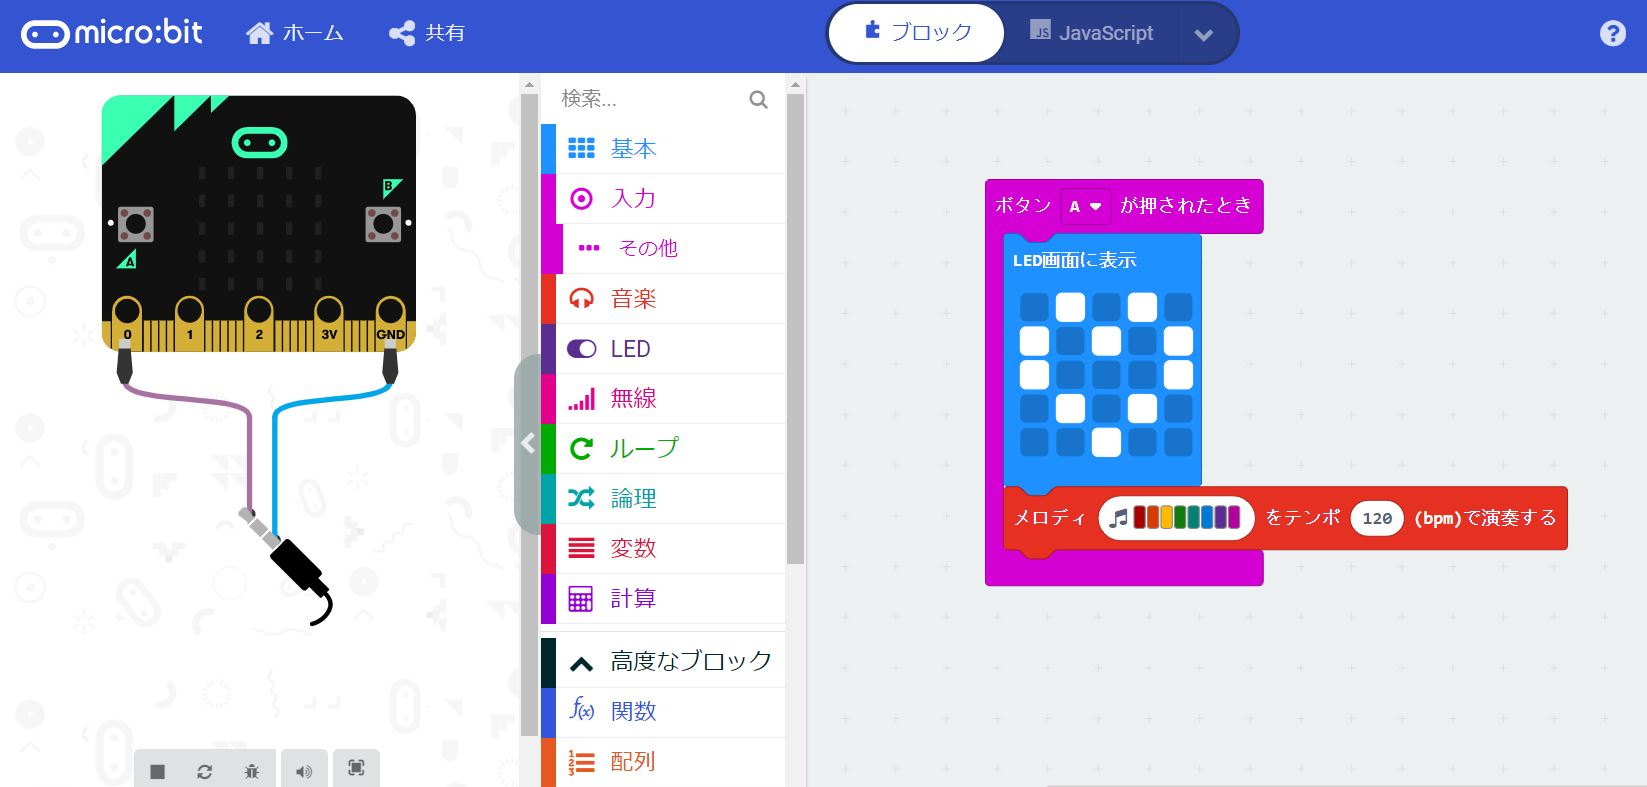 マイクロビットできること(17)